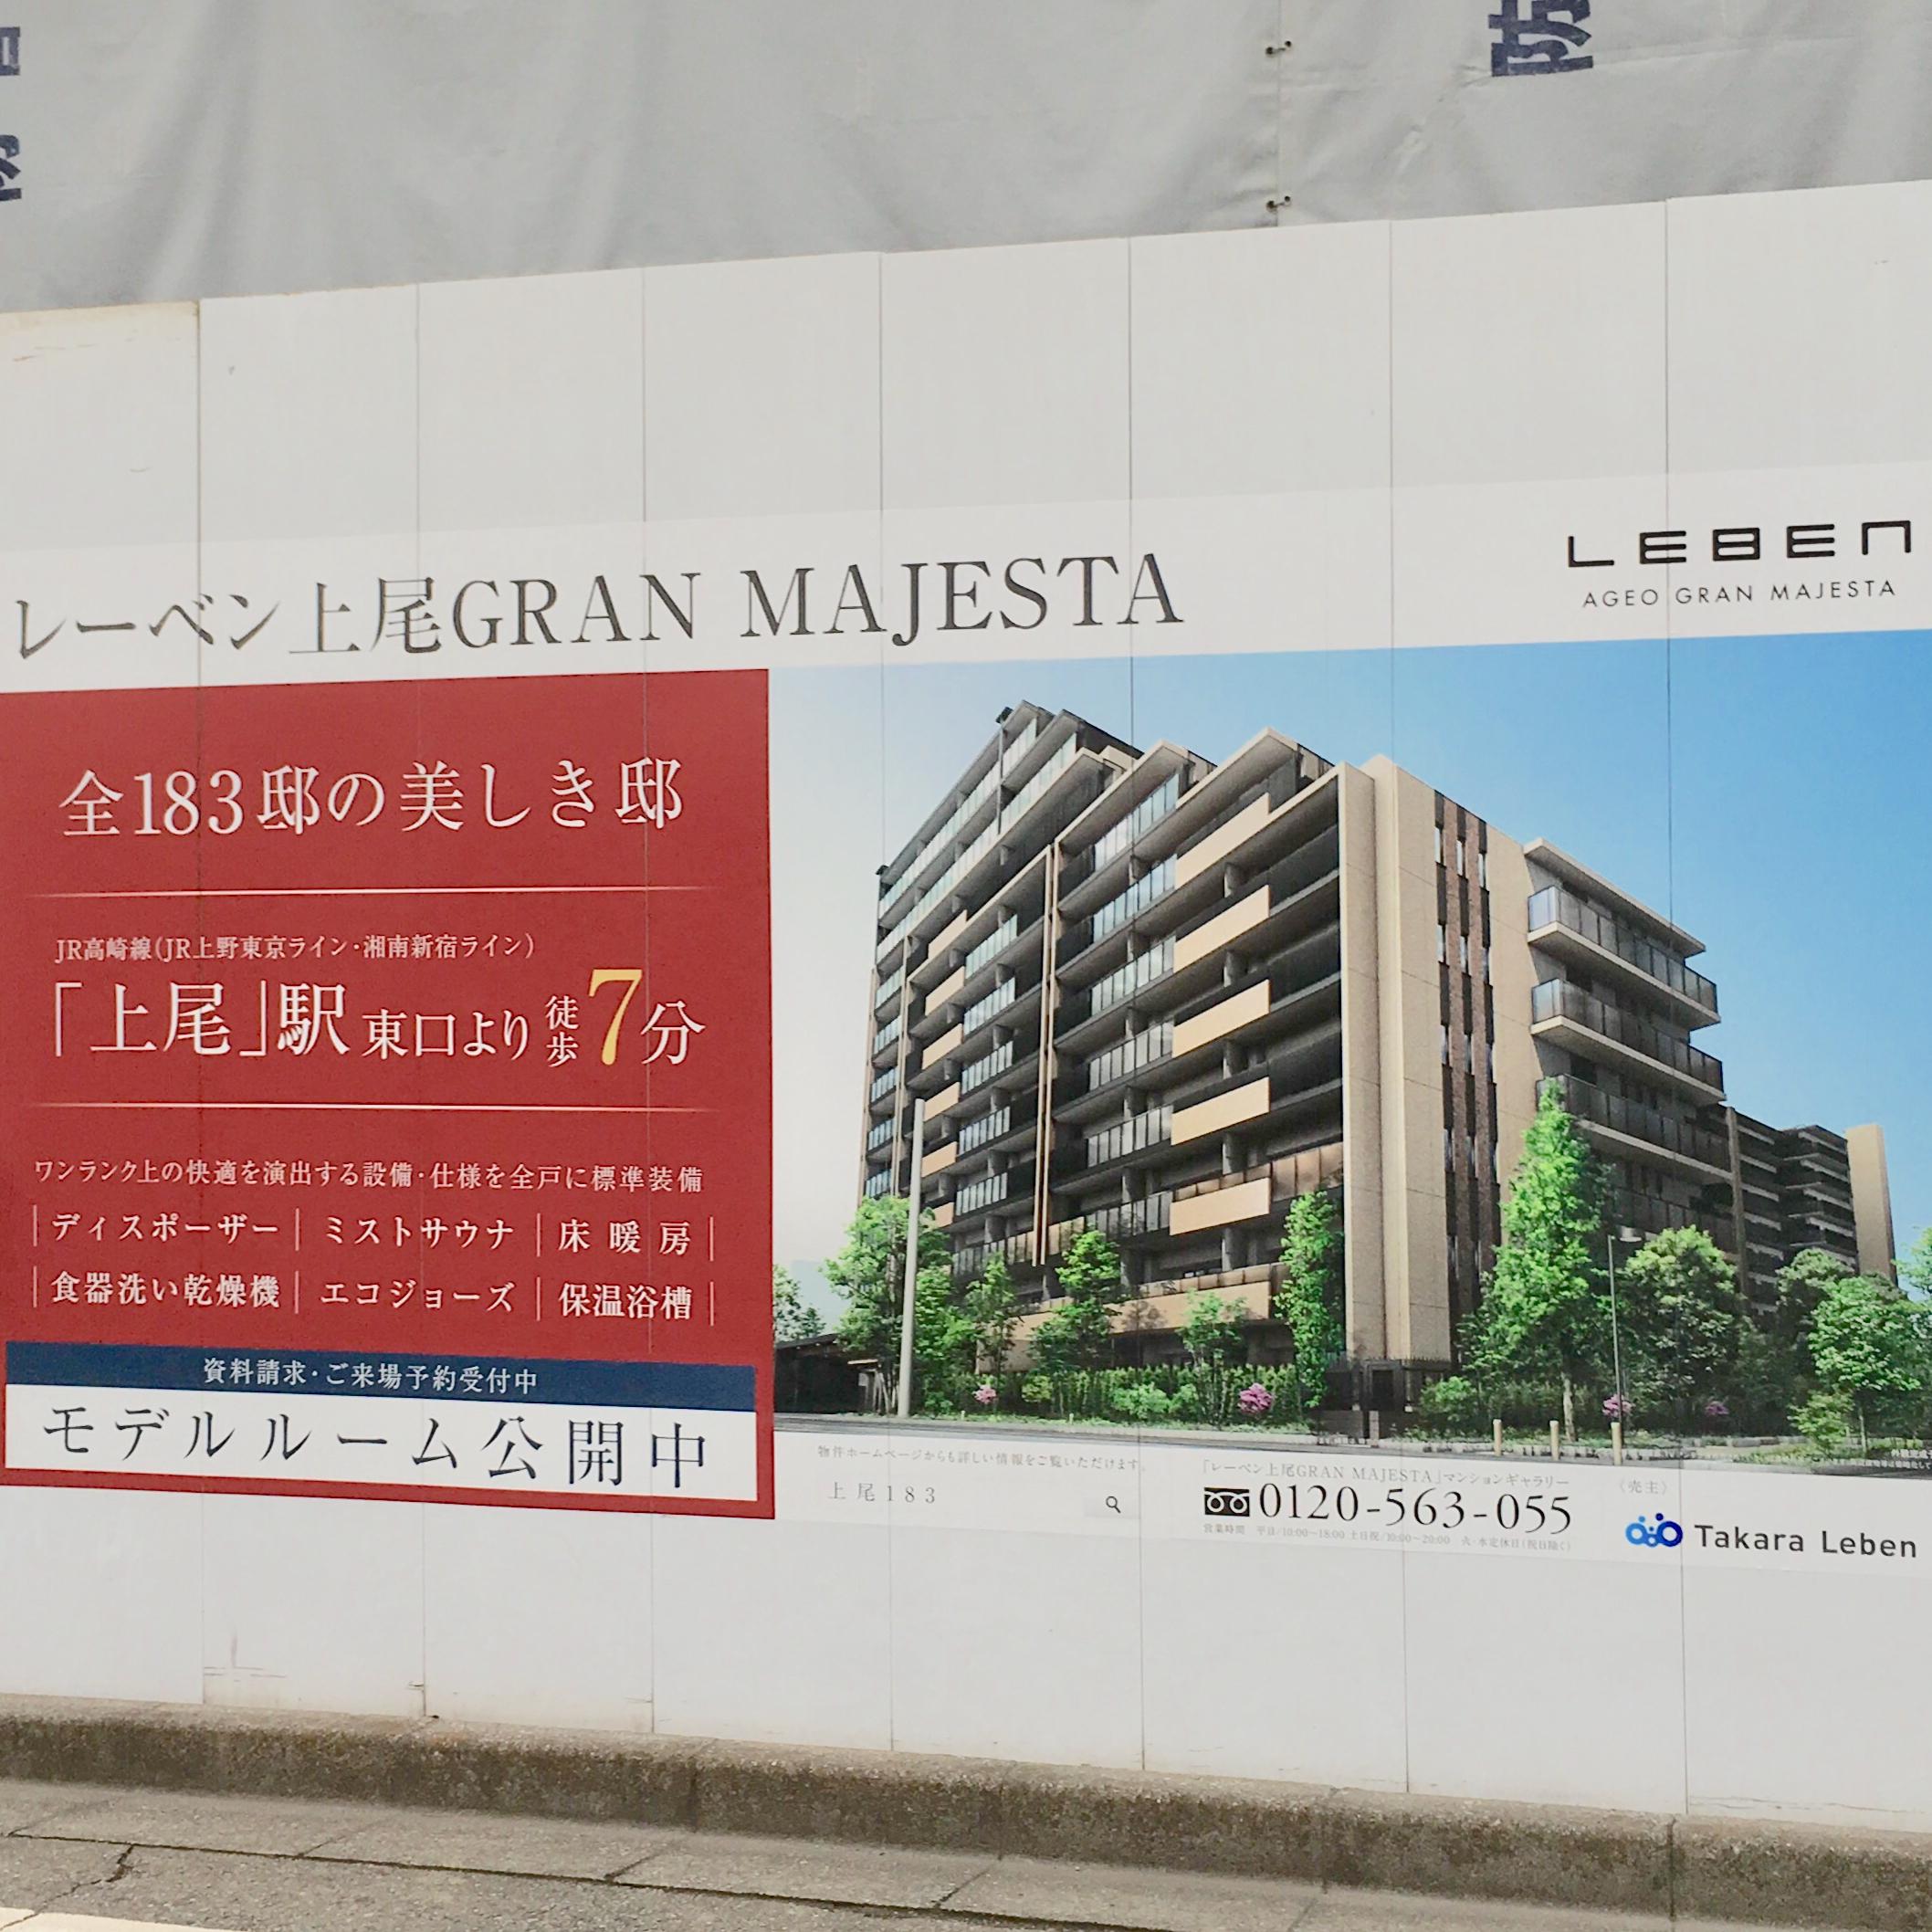 レーベン上尾GRANMAJESTAの価格・間取り・設備・周辺環境まとめ!